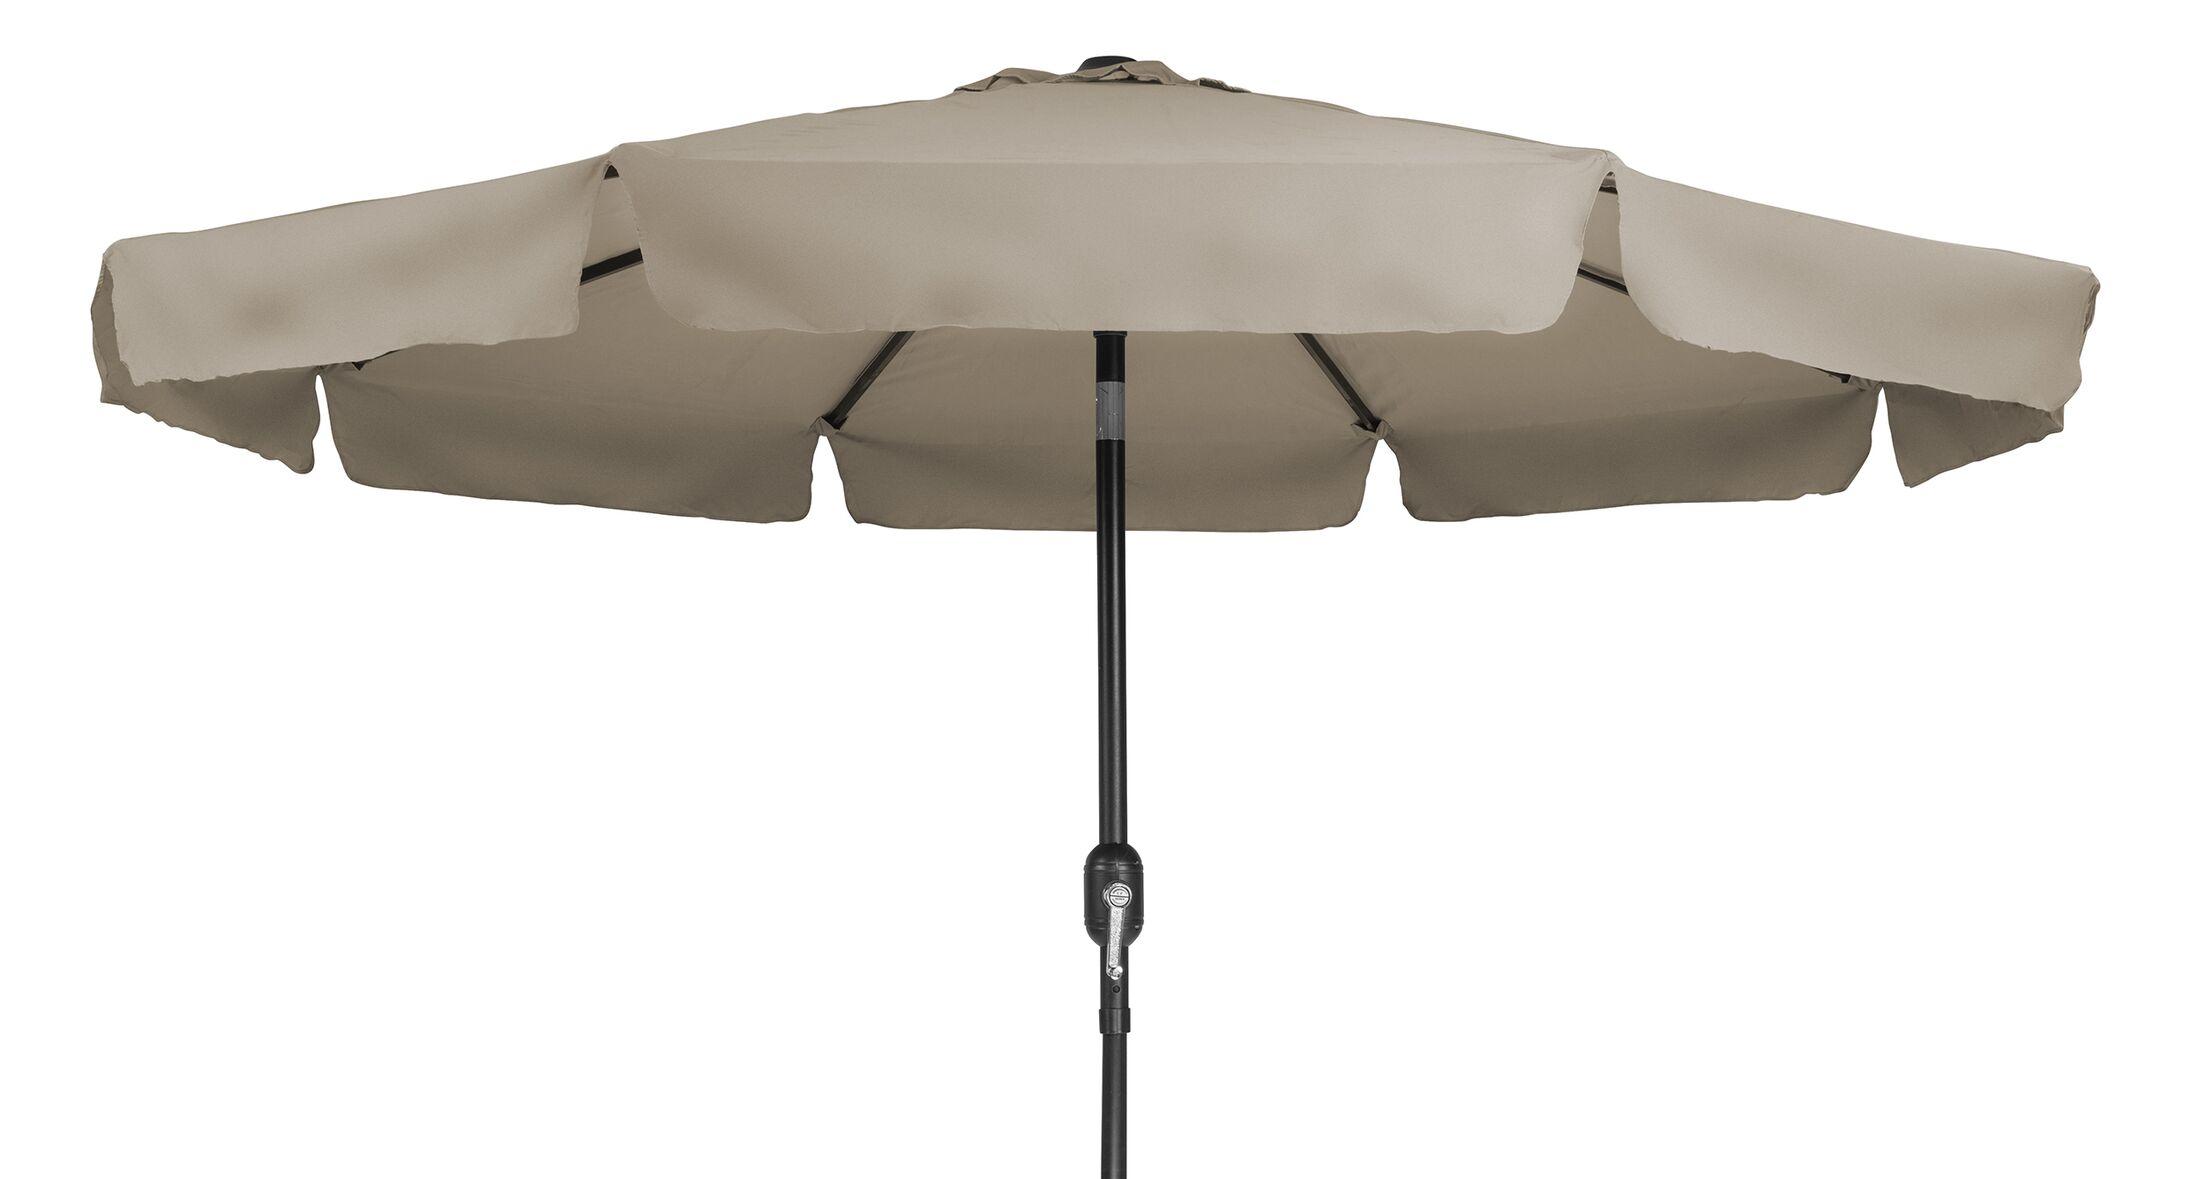 Tilt Crank 9' Drape Umbrella Fabric: Tan